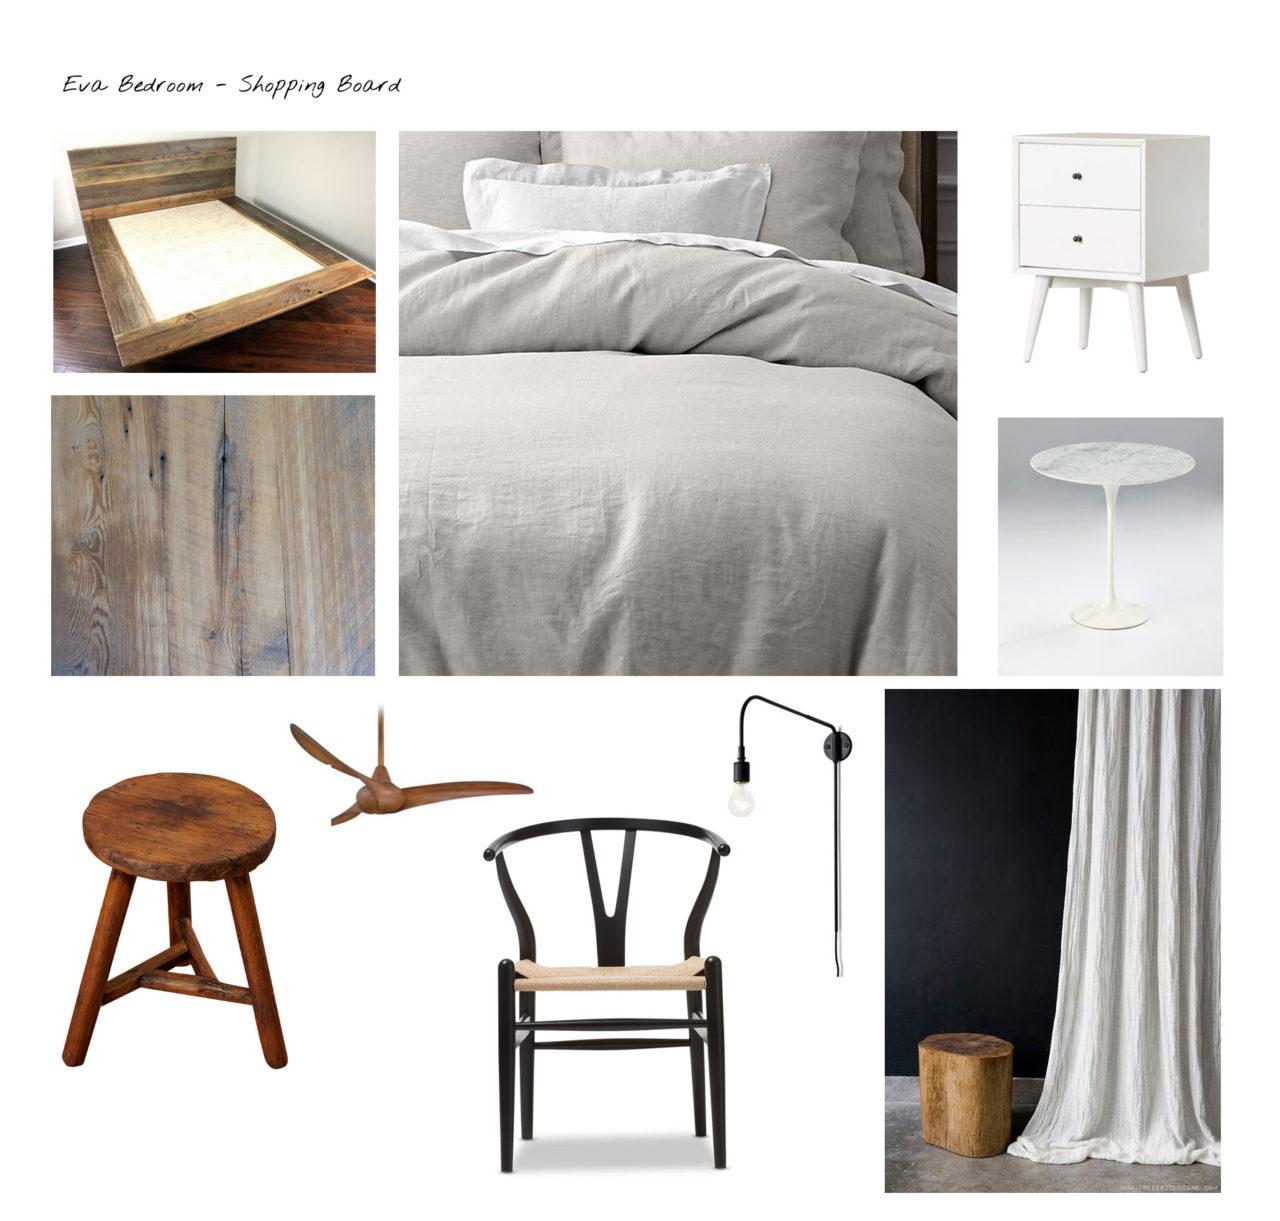 eva_shopping_board_bedroom_